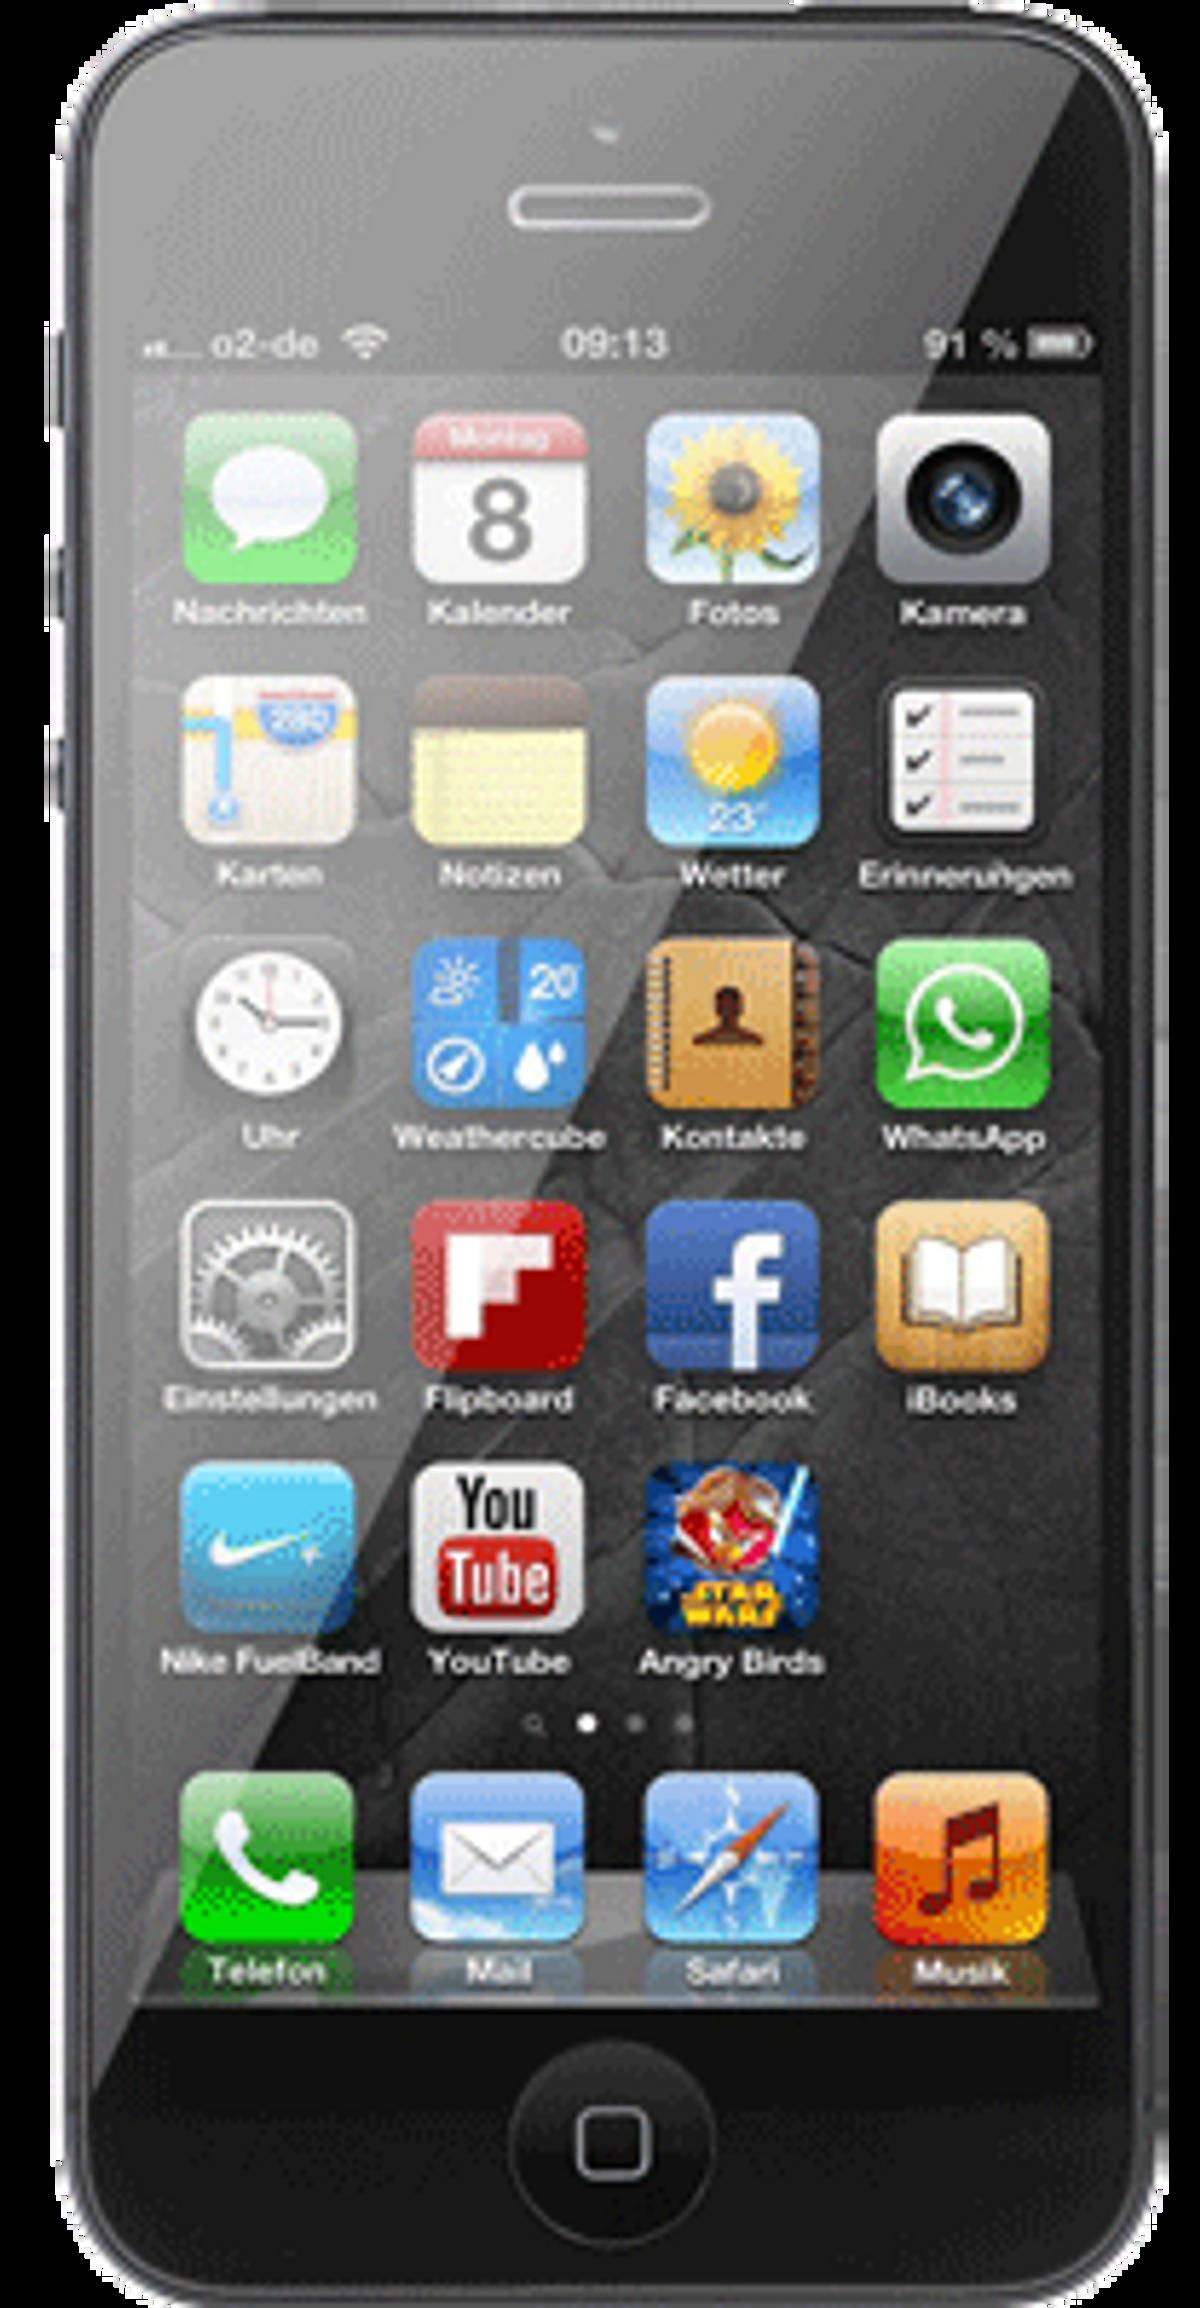 Apple iPhone 5 16GB Price in India, Full Specs - 24th ...